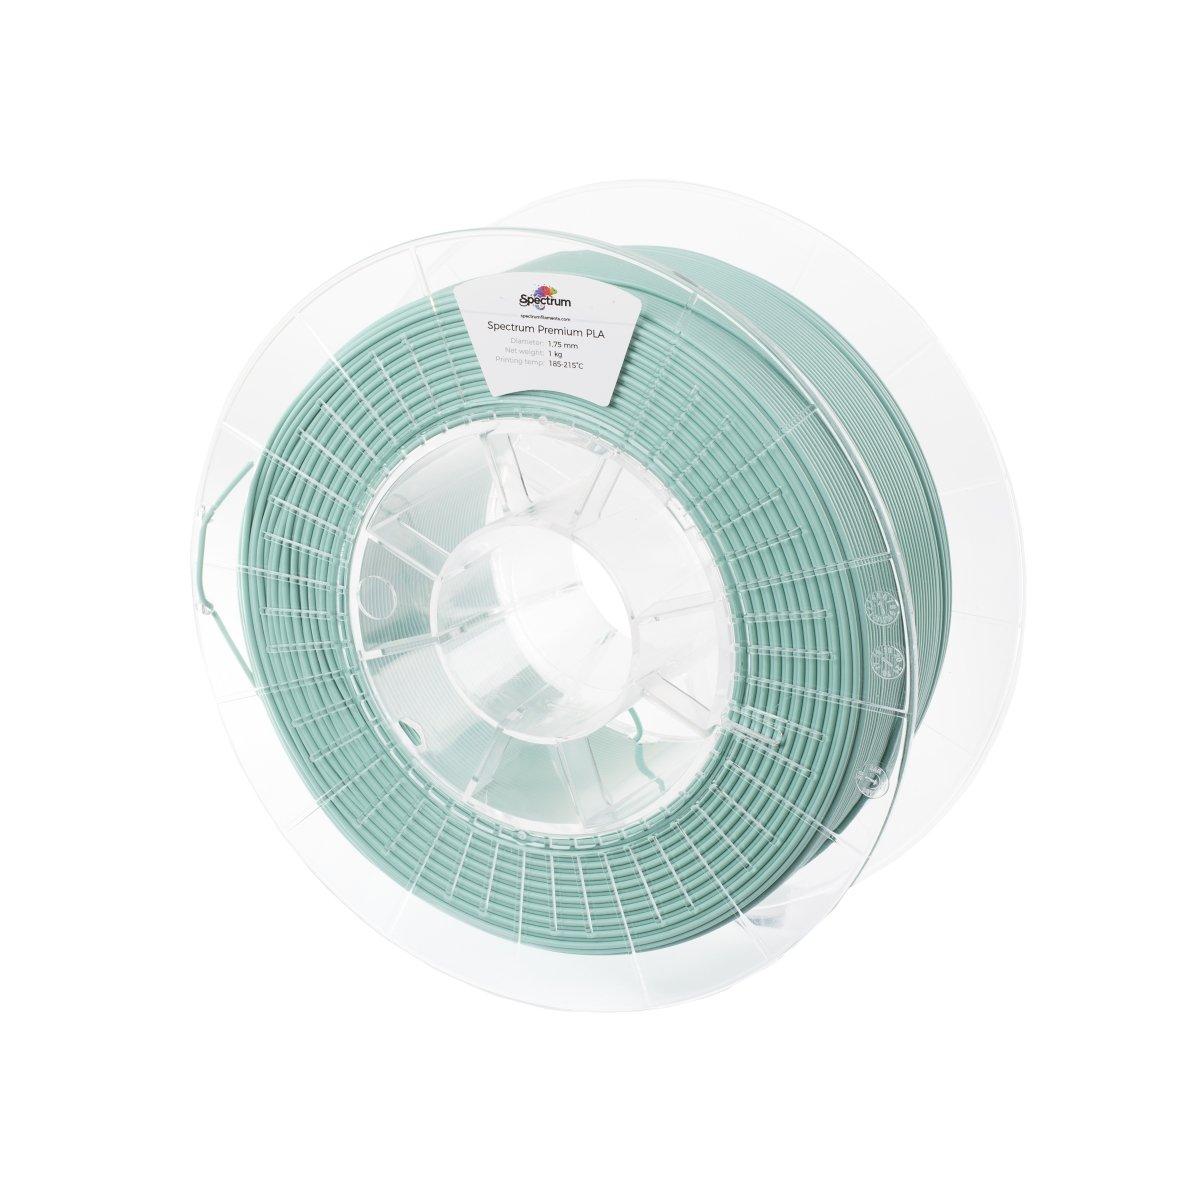 Billede af Spectrum Filaments - PLA - 1.75mm - Pastel Turquoice - 1 kg